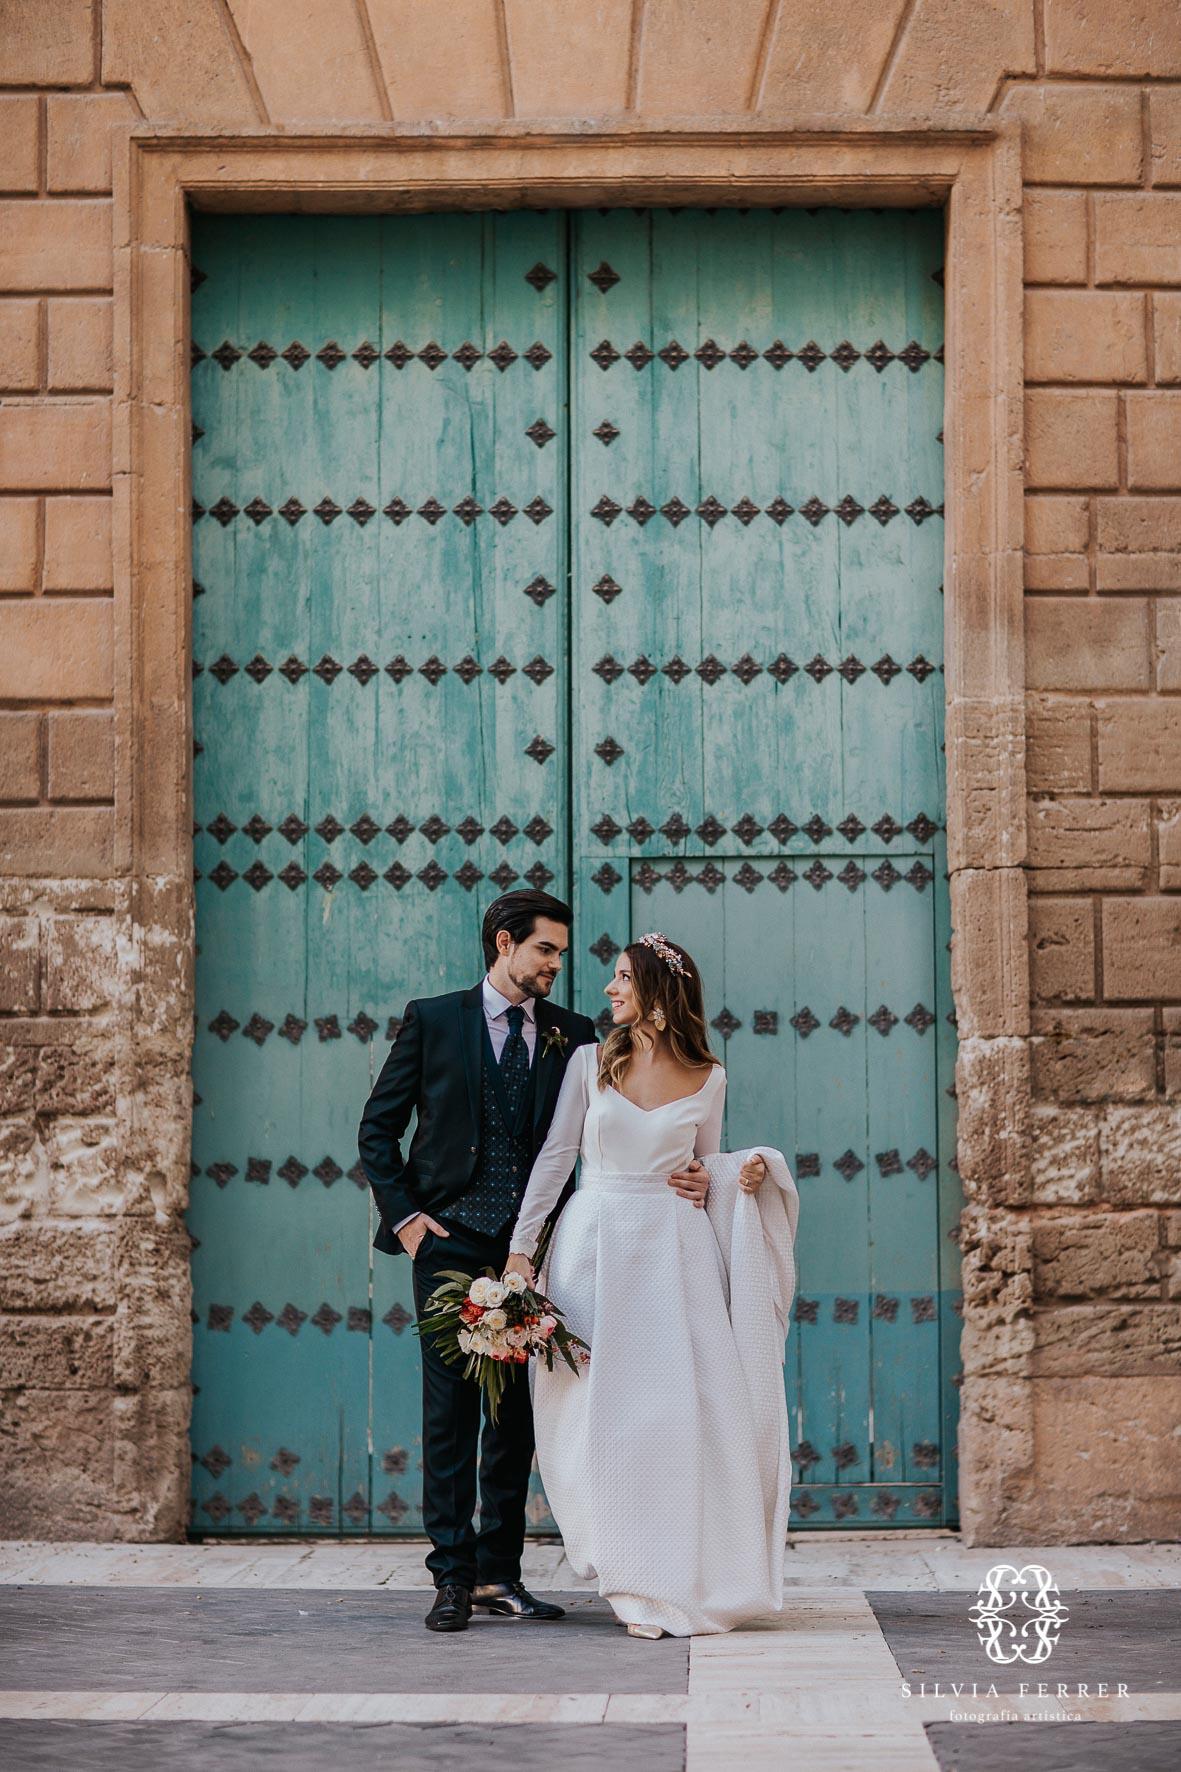 curso de fotografías de boda con Silvia Ferrer